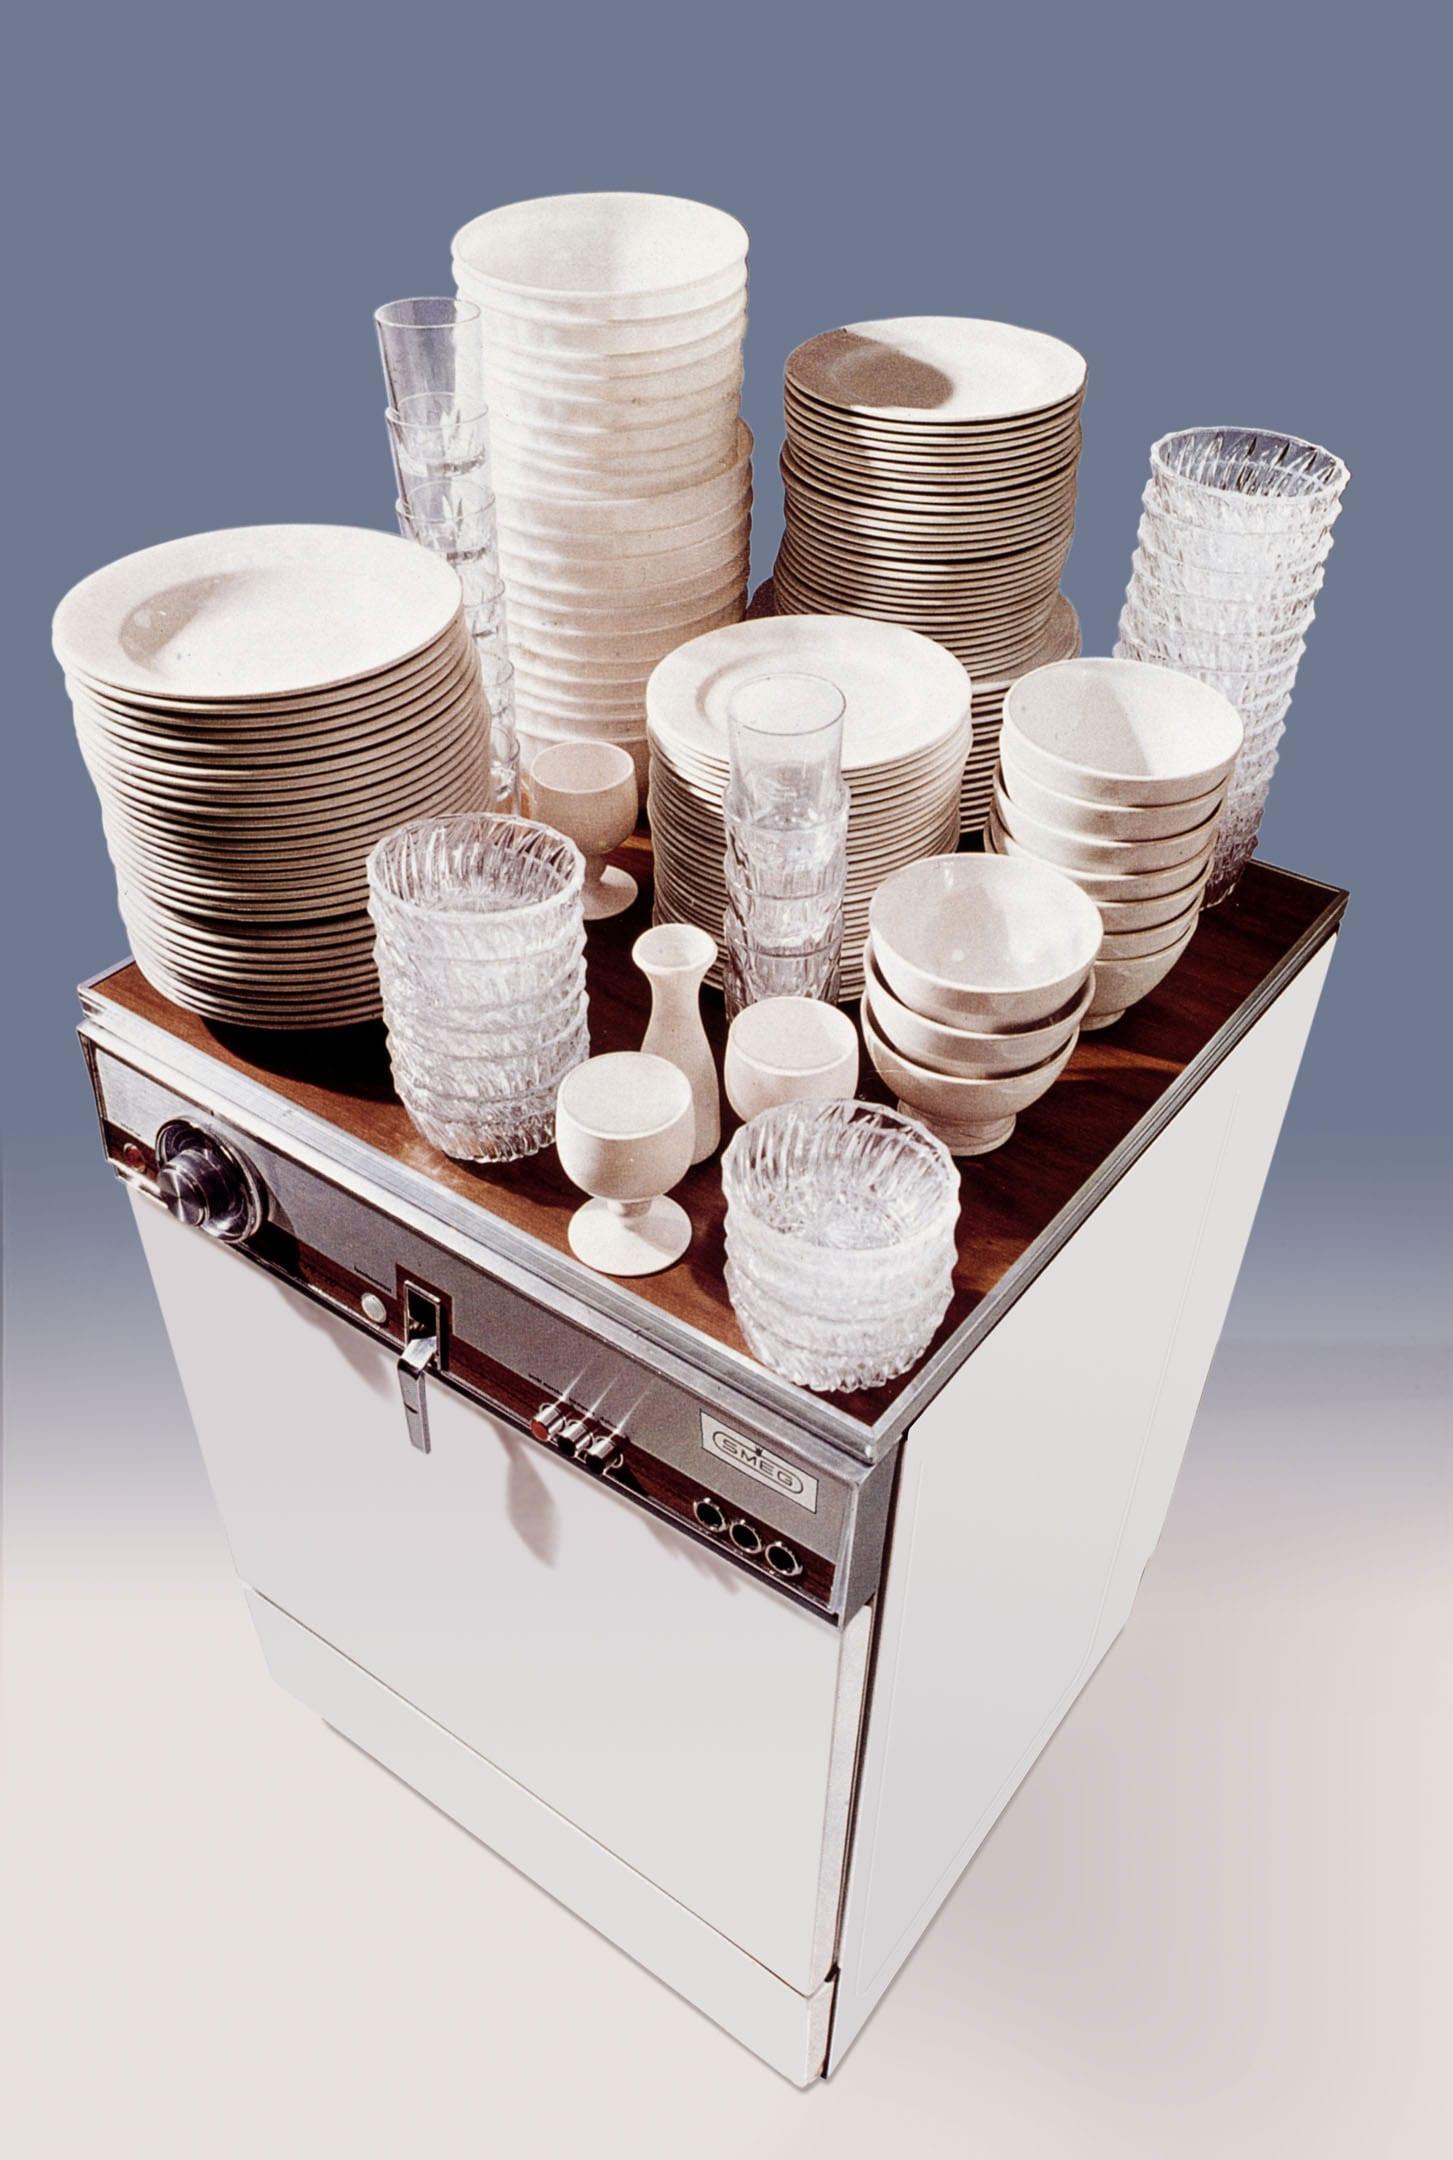 Smeg 1970 Placesetting Dishwasher Niagara | Yellowtrace